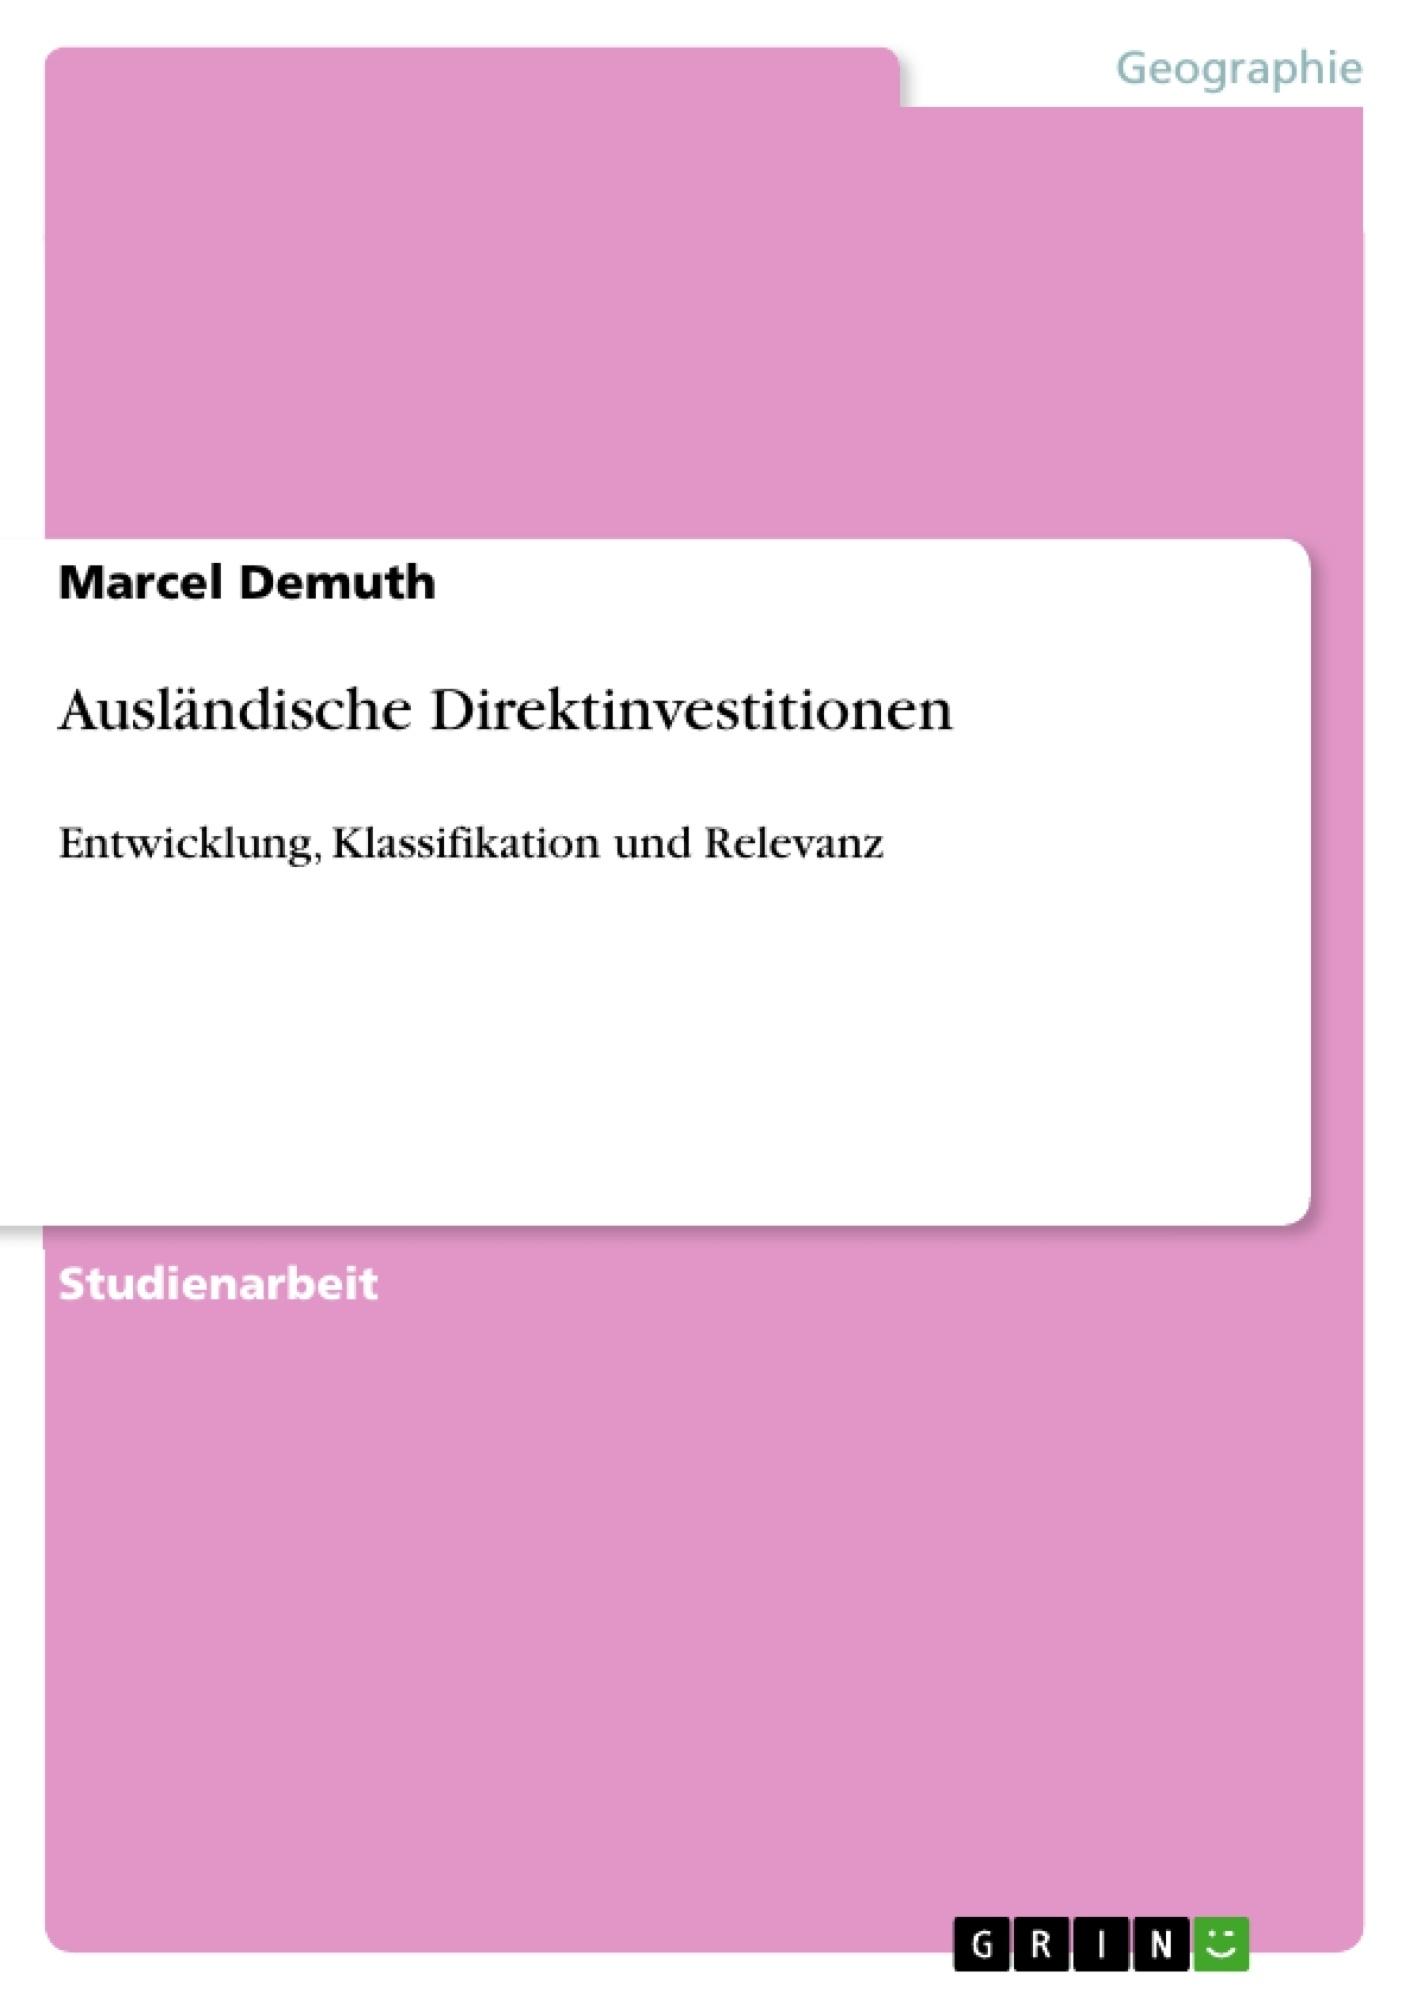 Titel: Ausländische Direktinvestitionen